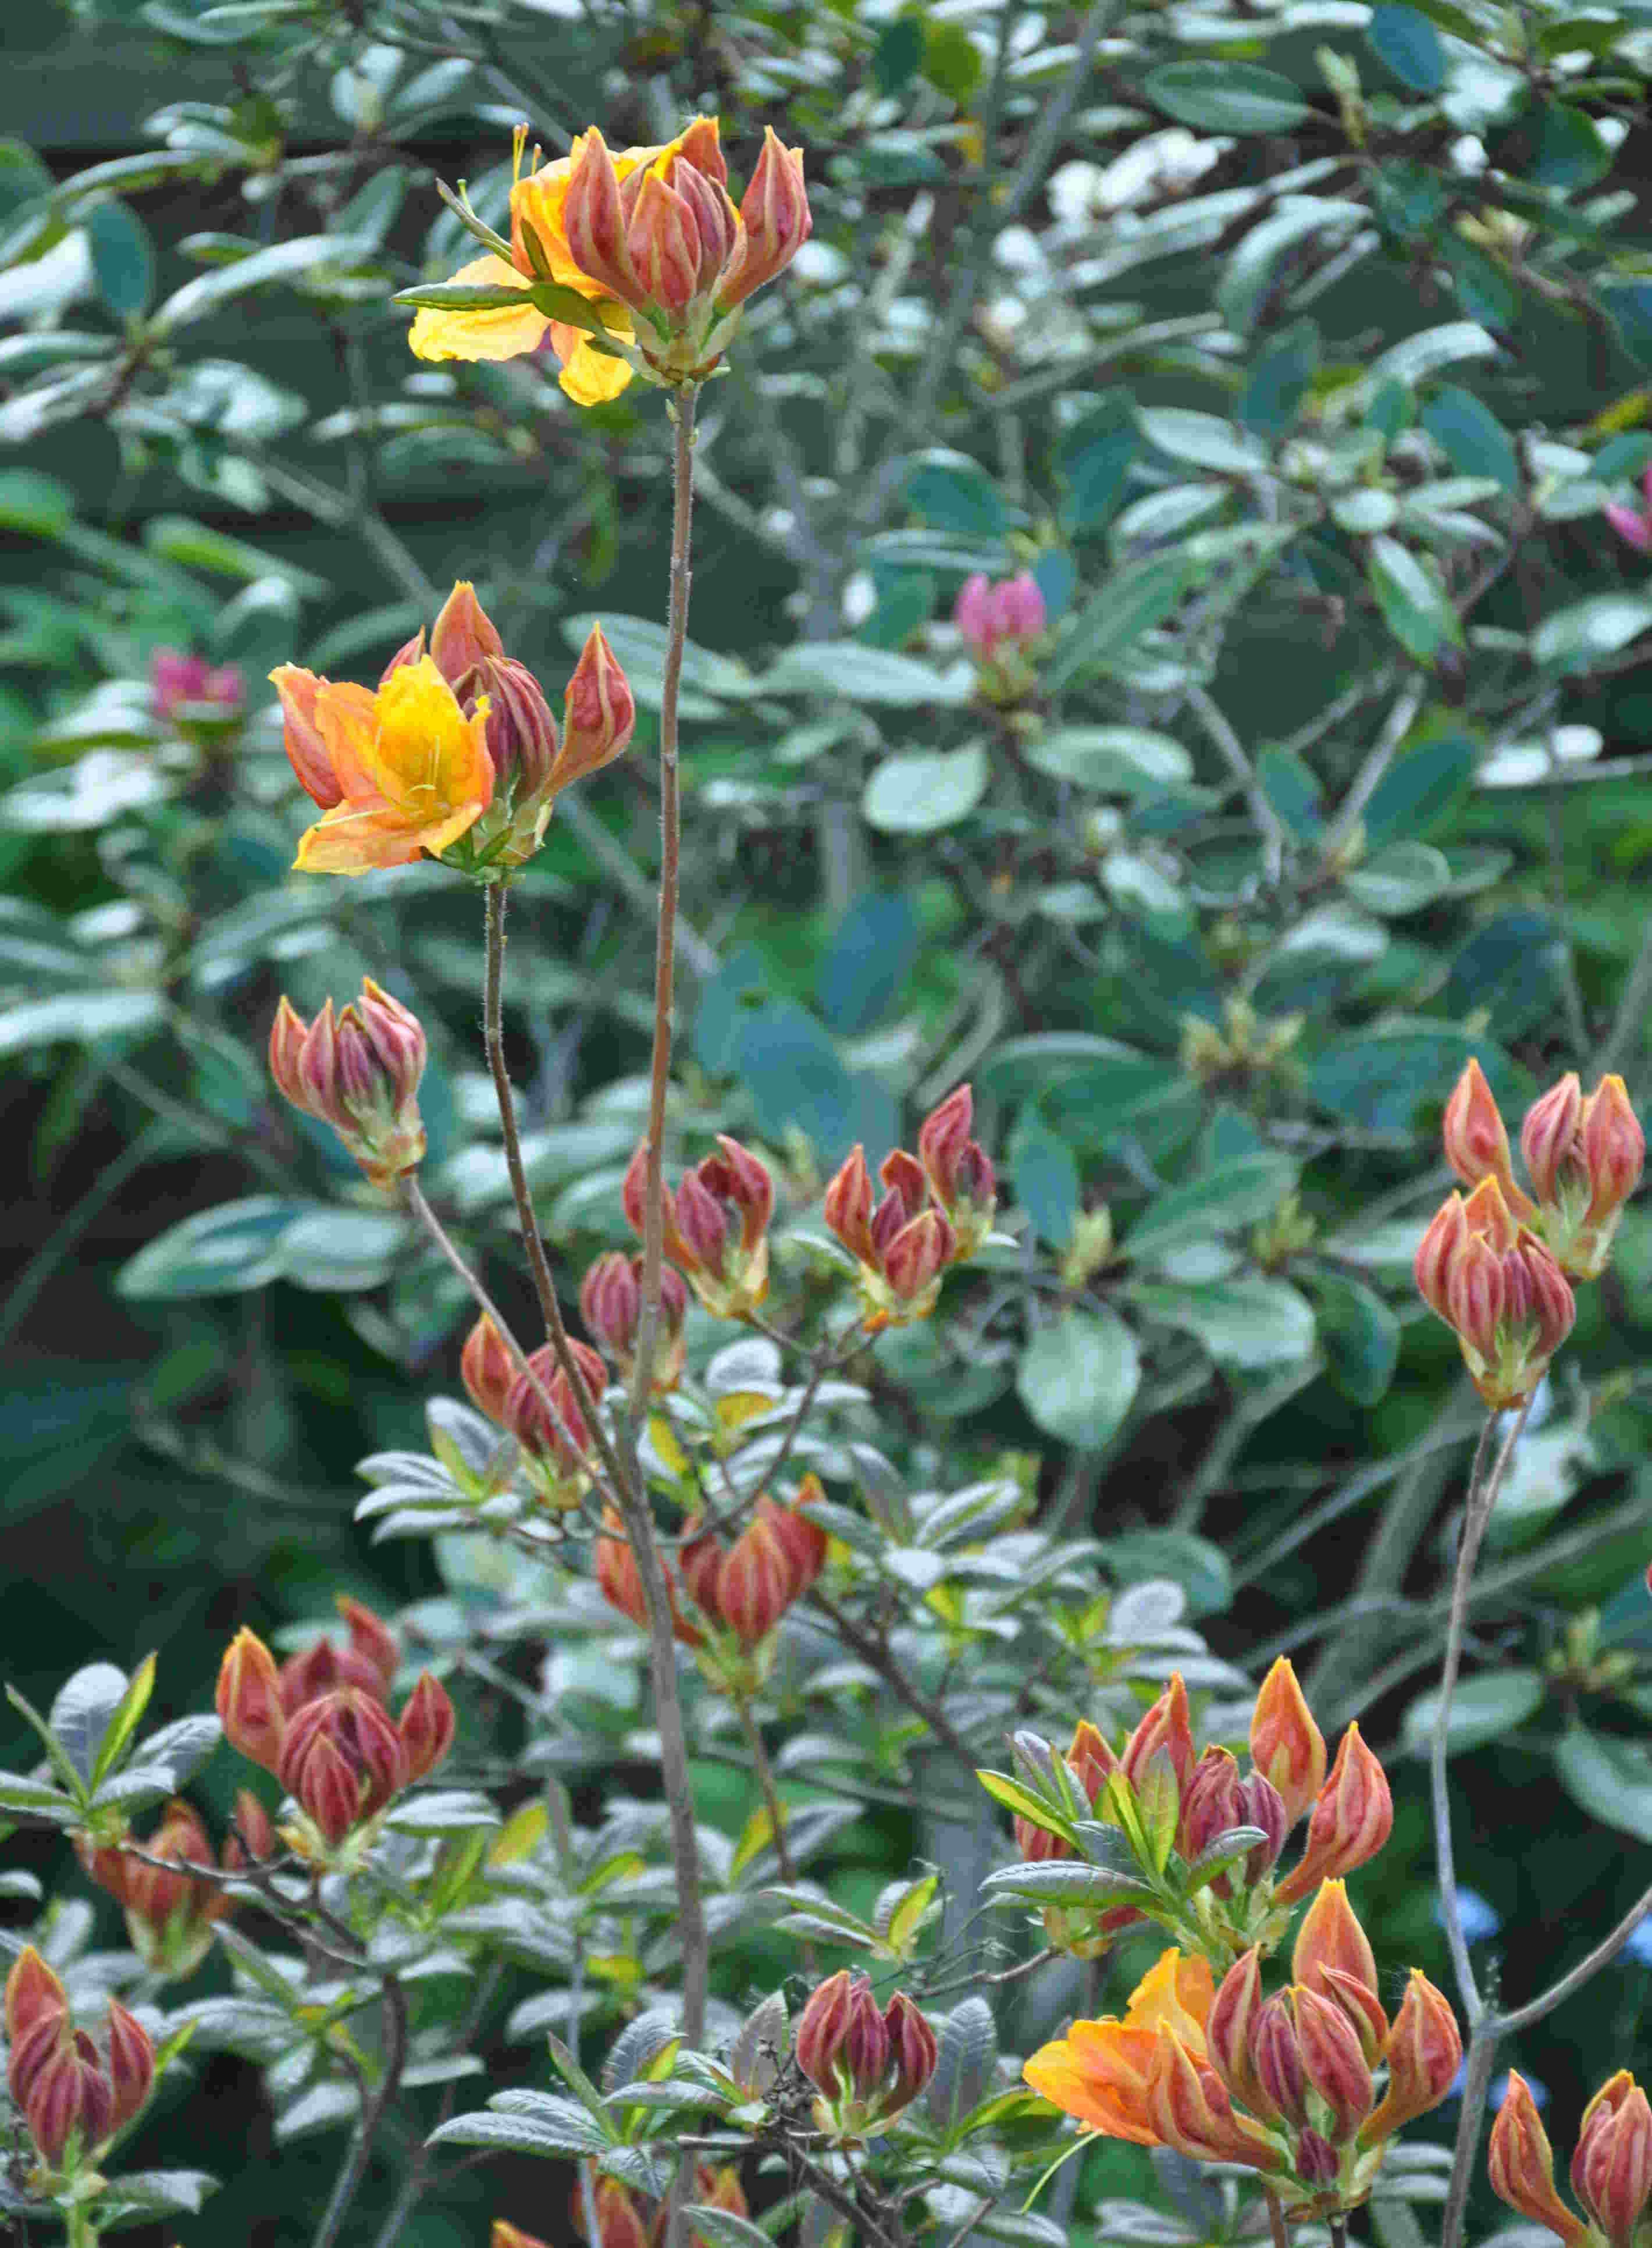 Knoppiga azaleor trivs gärna i lite soligare läge i trädgården.